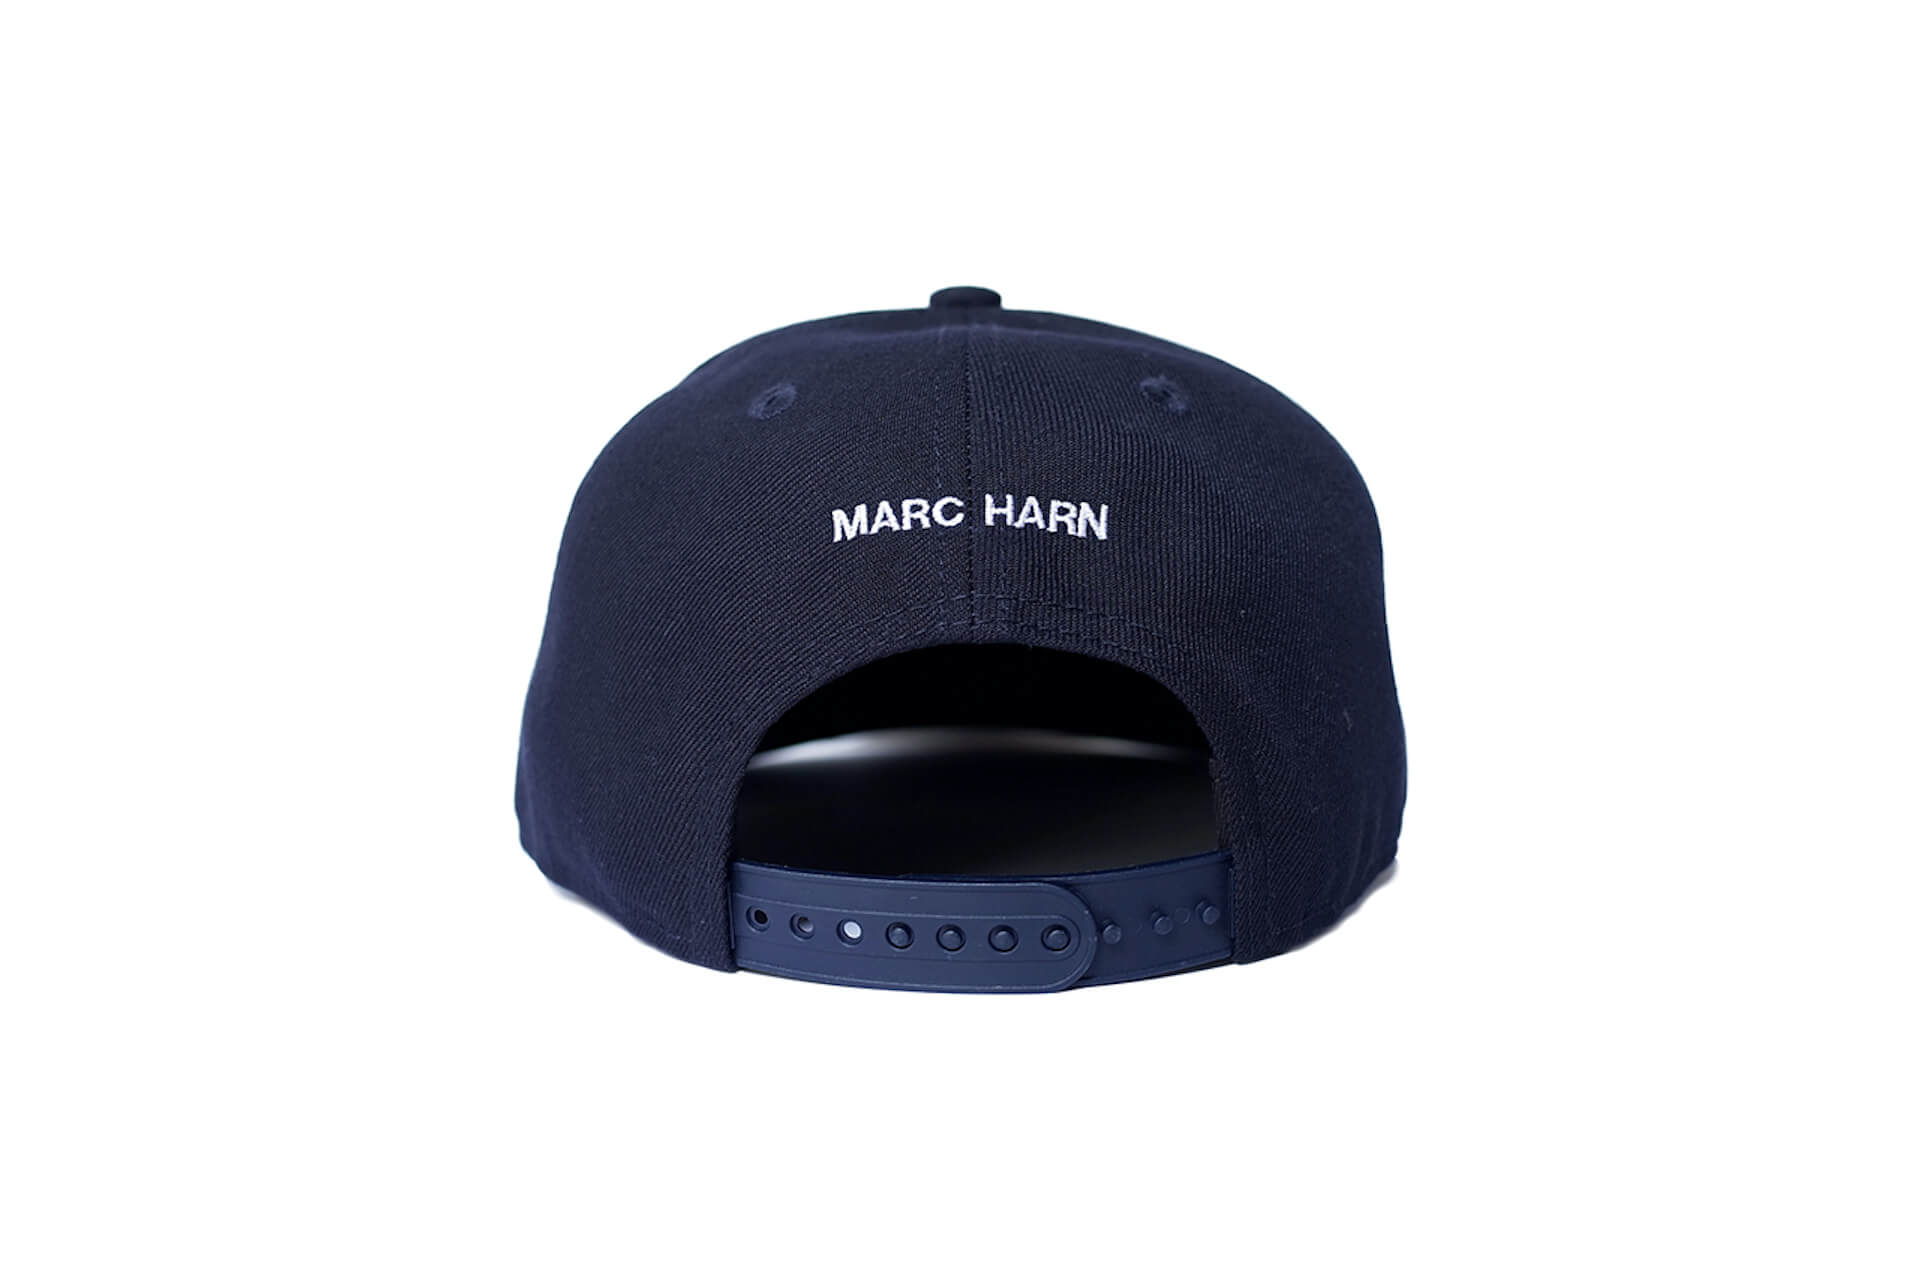 ファレル・ウィリアムス、VANSが認めたMASAの「MARC HARN」が新作の受注受付を開始!Tシャツやキャップなど12アイテム lf200618_marcharn_16